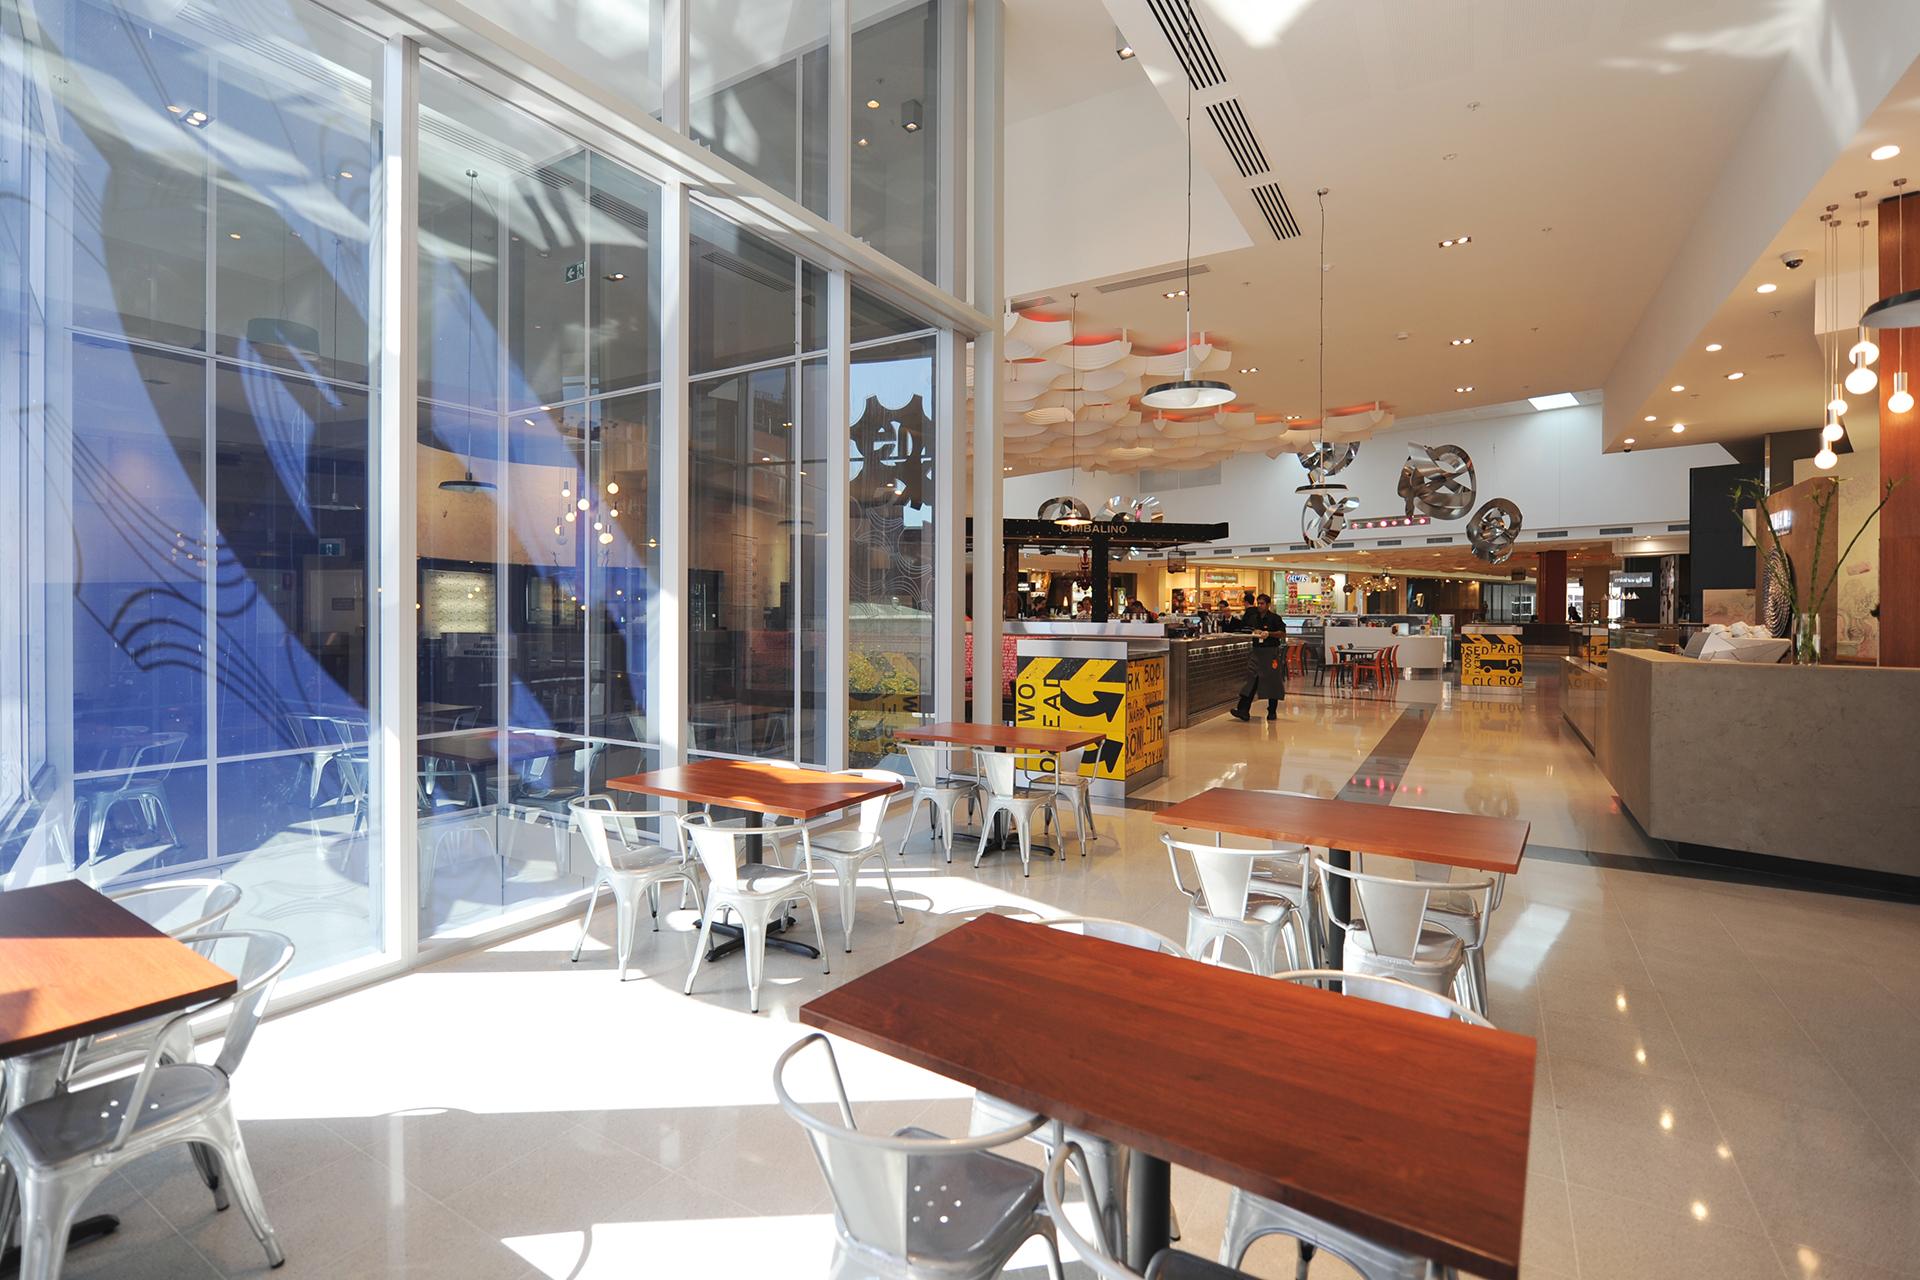 enex100 Retail Food Podium